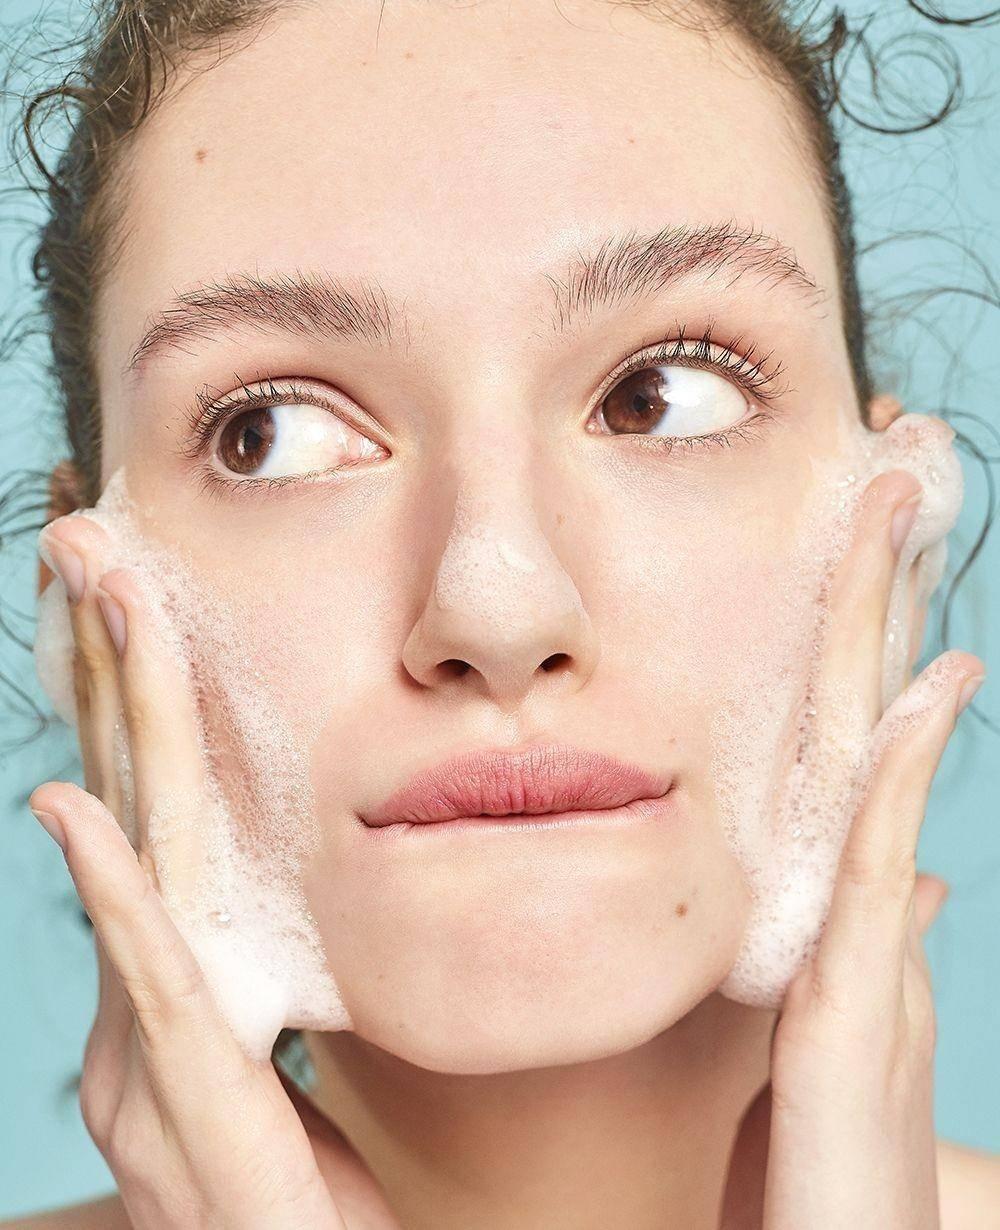 Rửa mặt đúng cách có dễ như bạn vẫn nghĩ? Ảnh: Sohu.